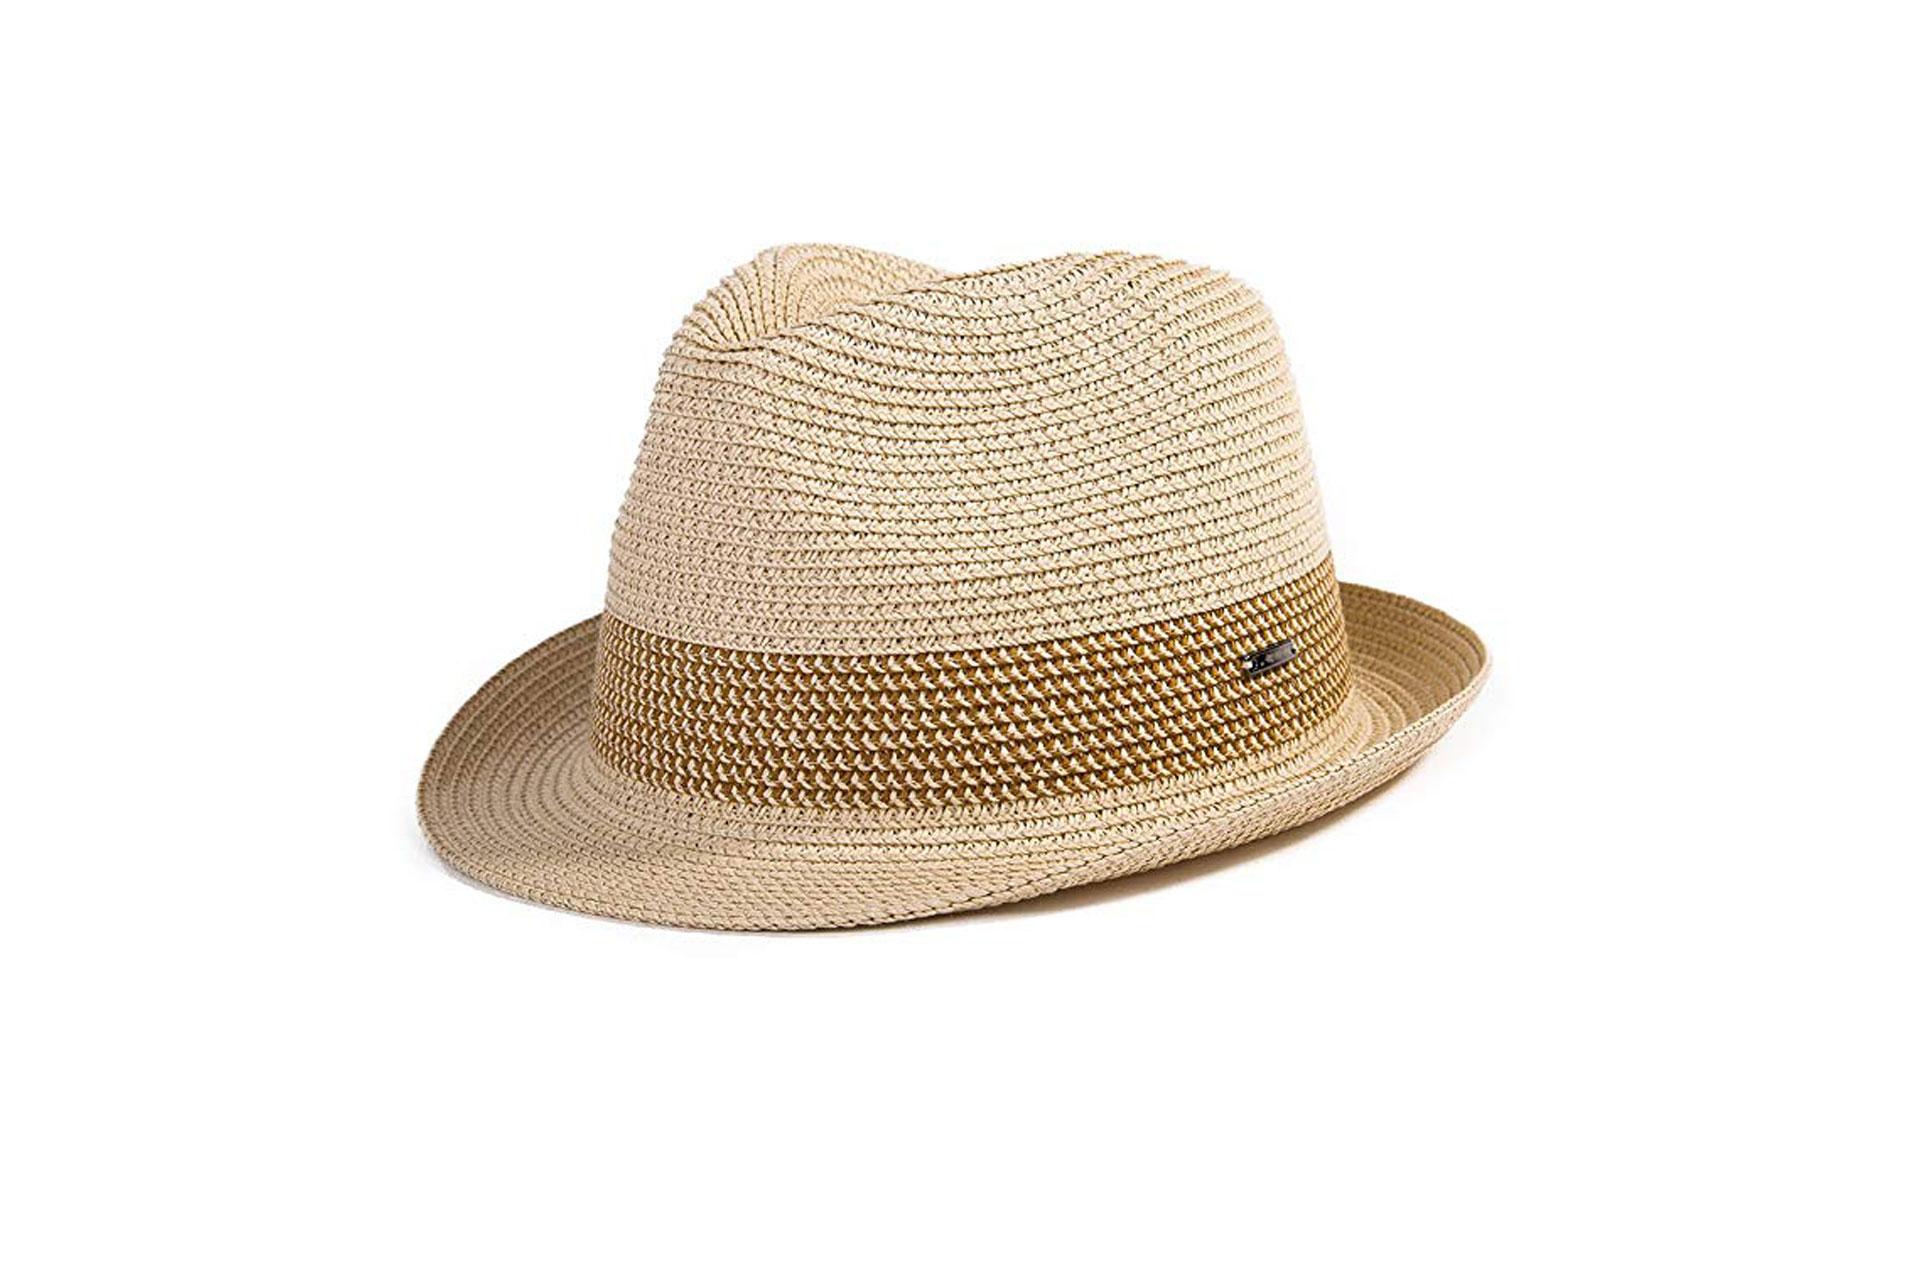 Fedora Hat; Courtesy of Amazon